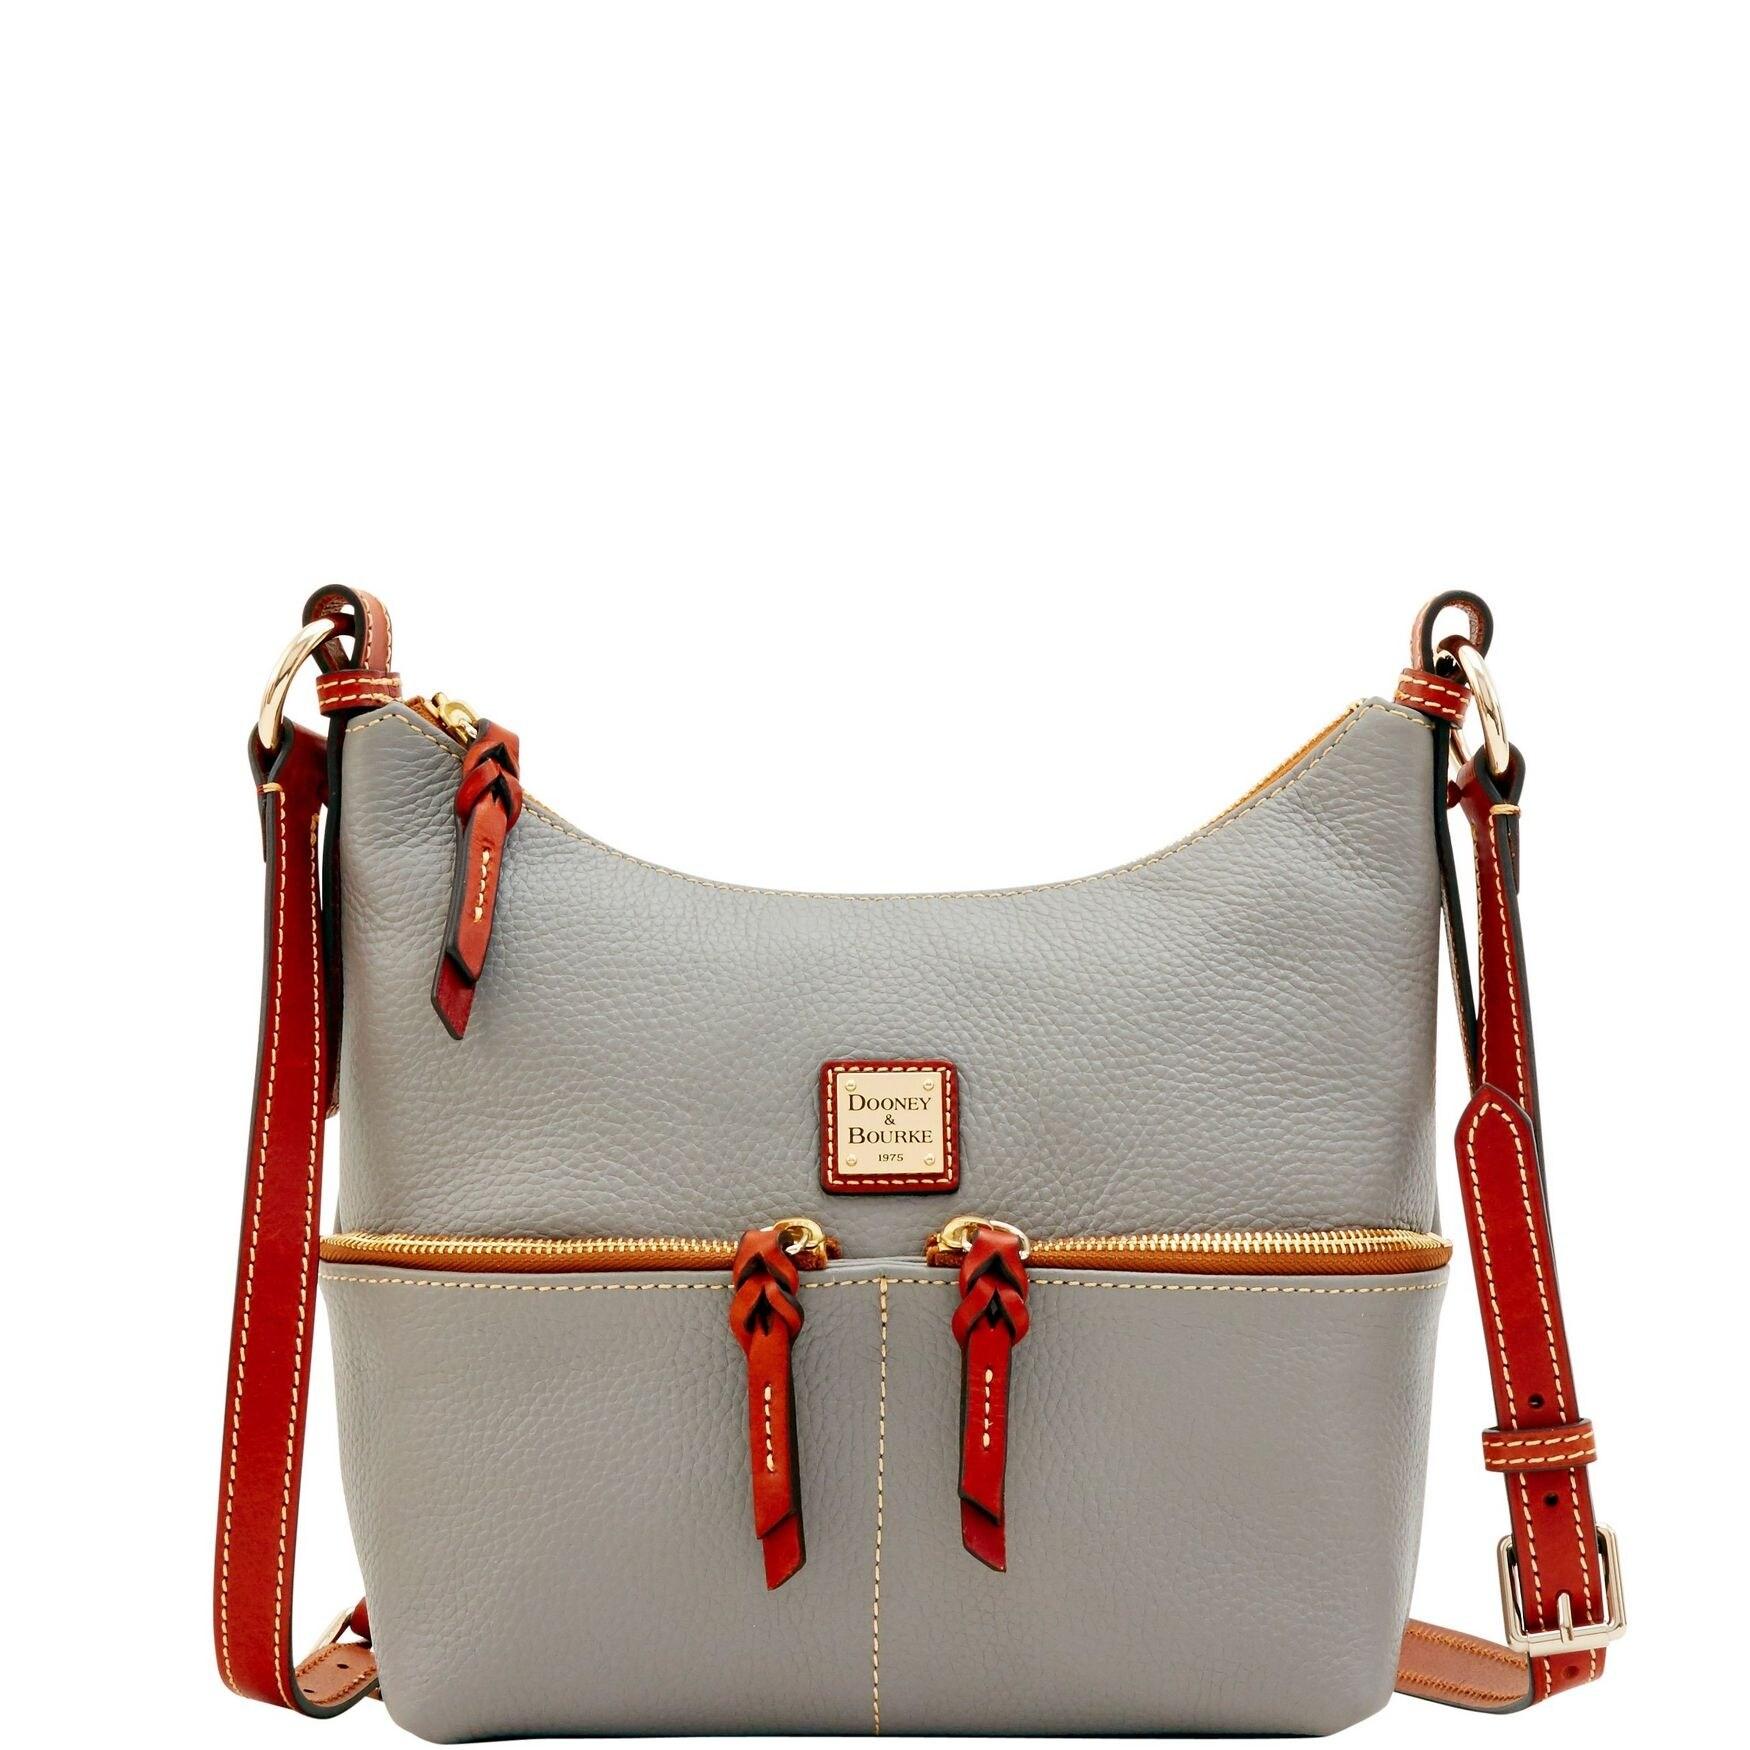 Dooney /& Bourke Pebble Grain Alyssa Crossbody Shoulder Bag